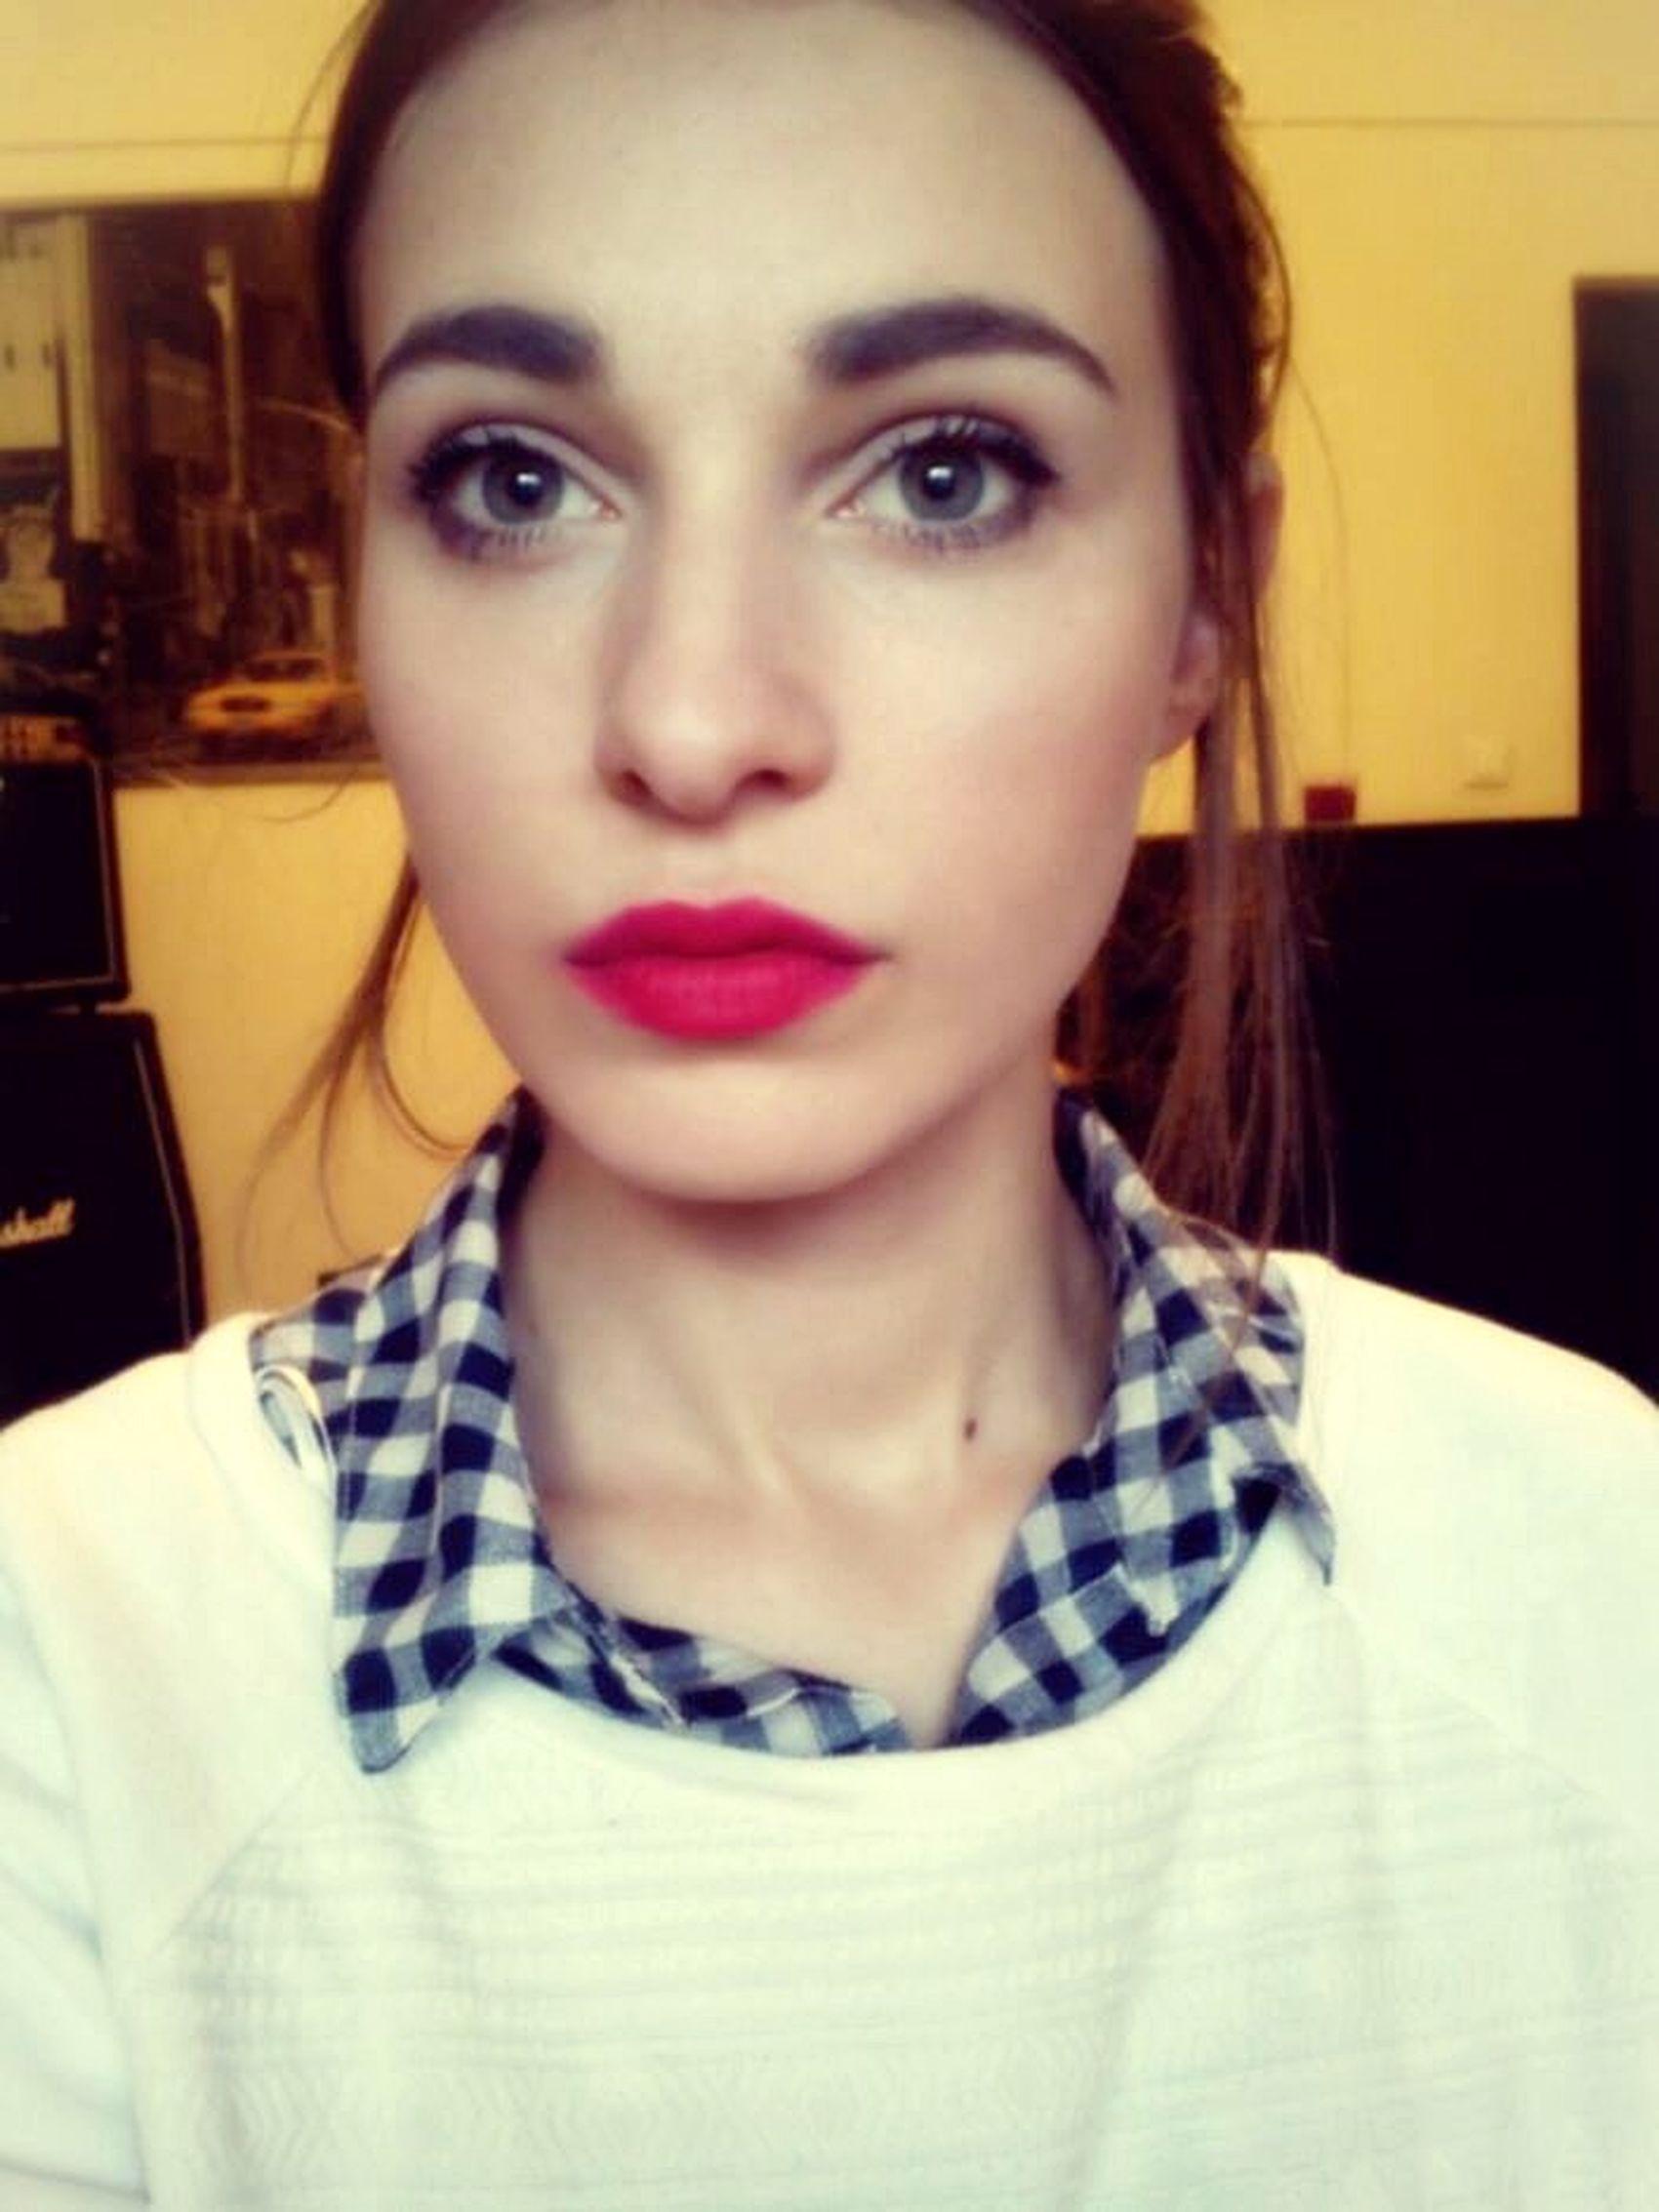 Model Girl Polishgirl Likeback Vsco Love  Pinklips Warsaw Poland